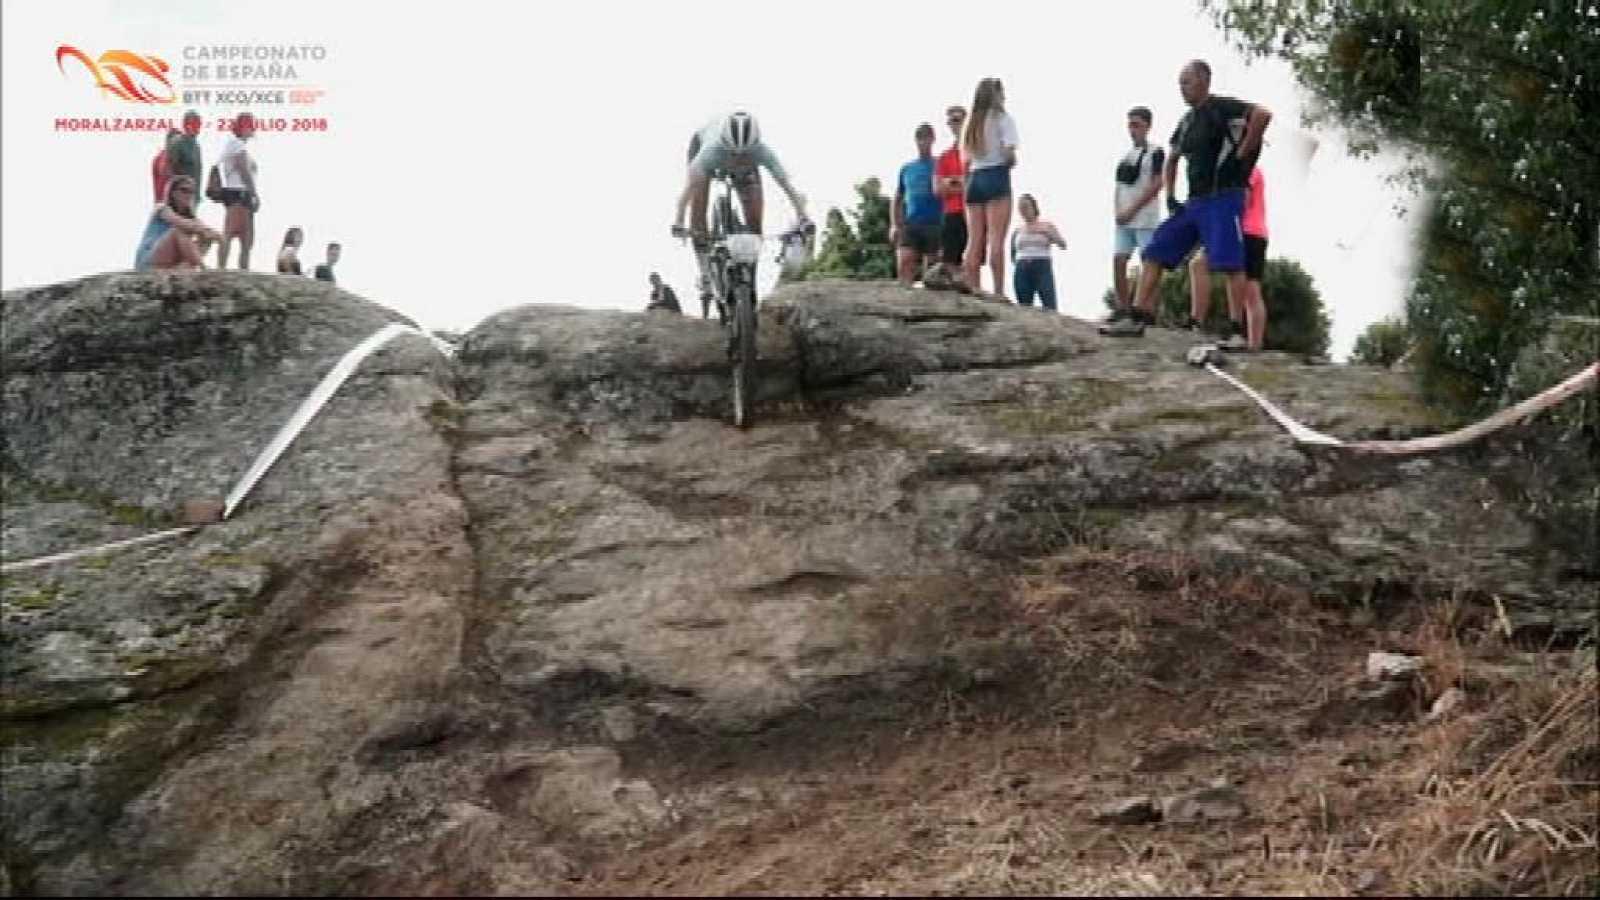 Circuito Xco Moralzarzal : Mountain bike campeonato de españa btt xco 2018 desde madrid